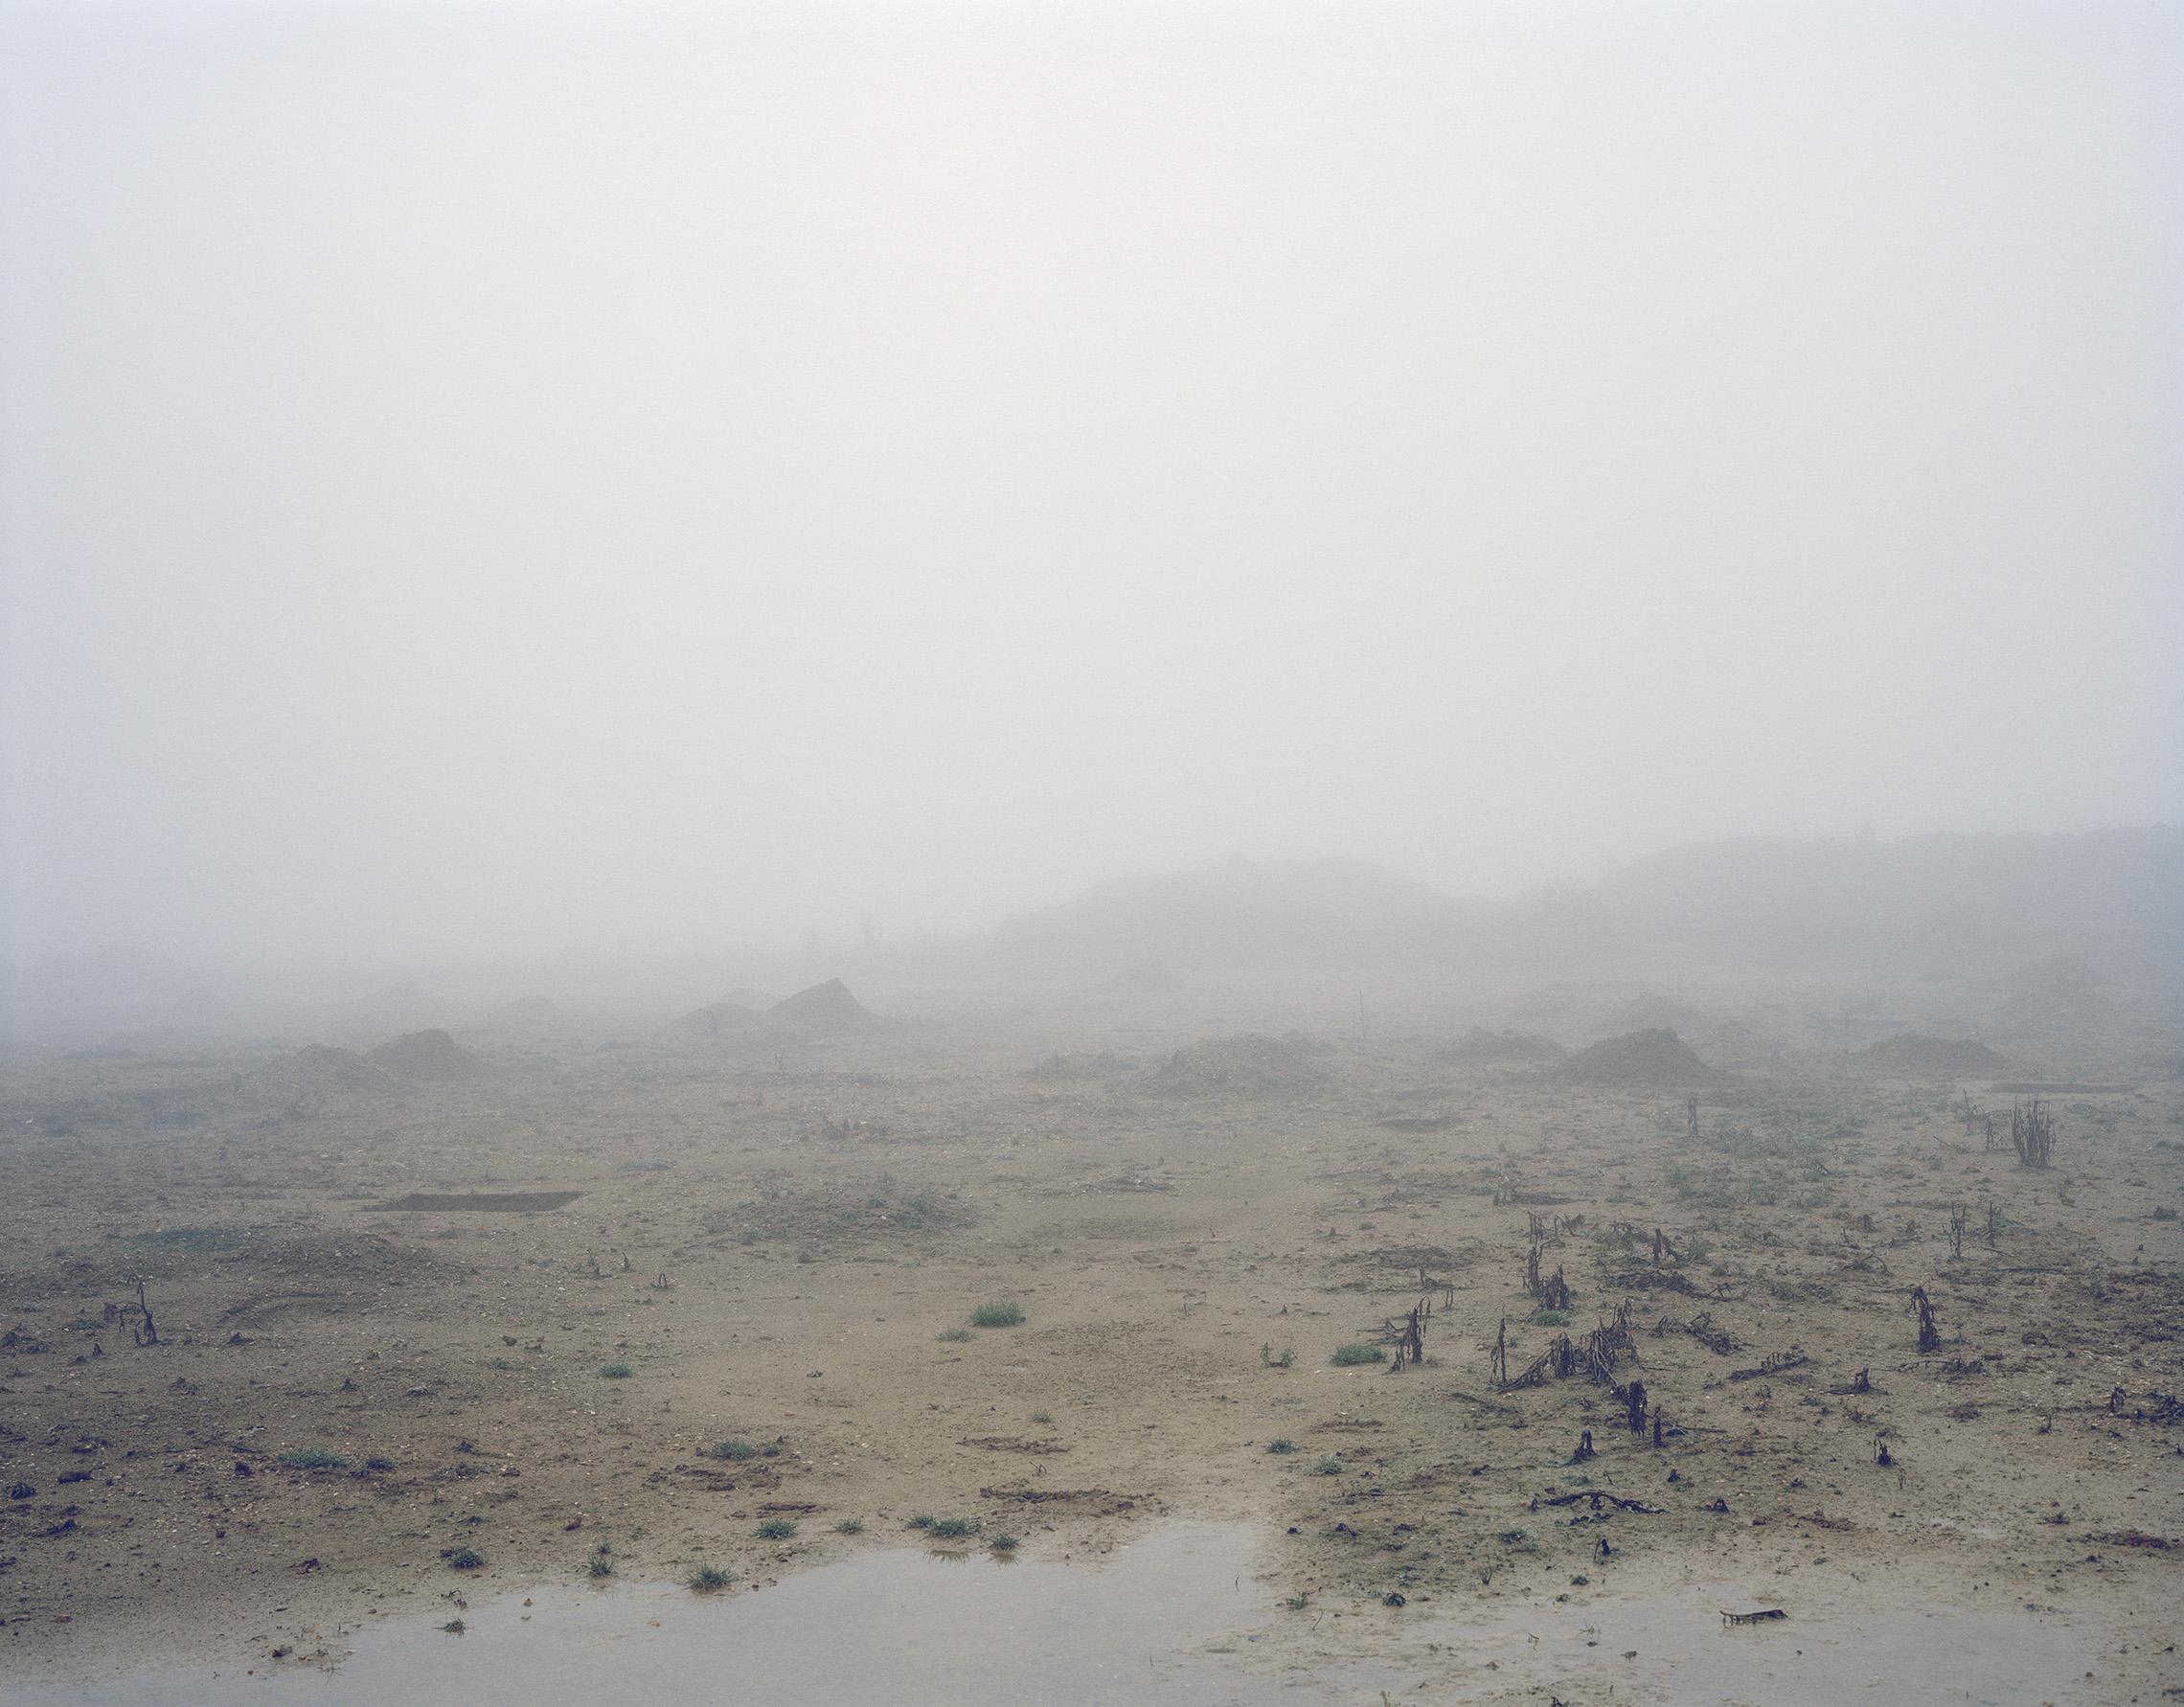 Tom-Lovelace-Site-407-Landscape-No.2.jpg